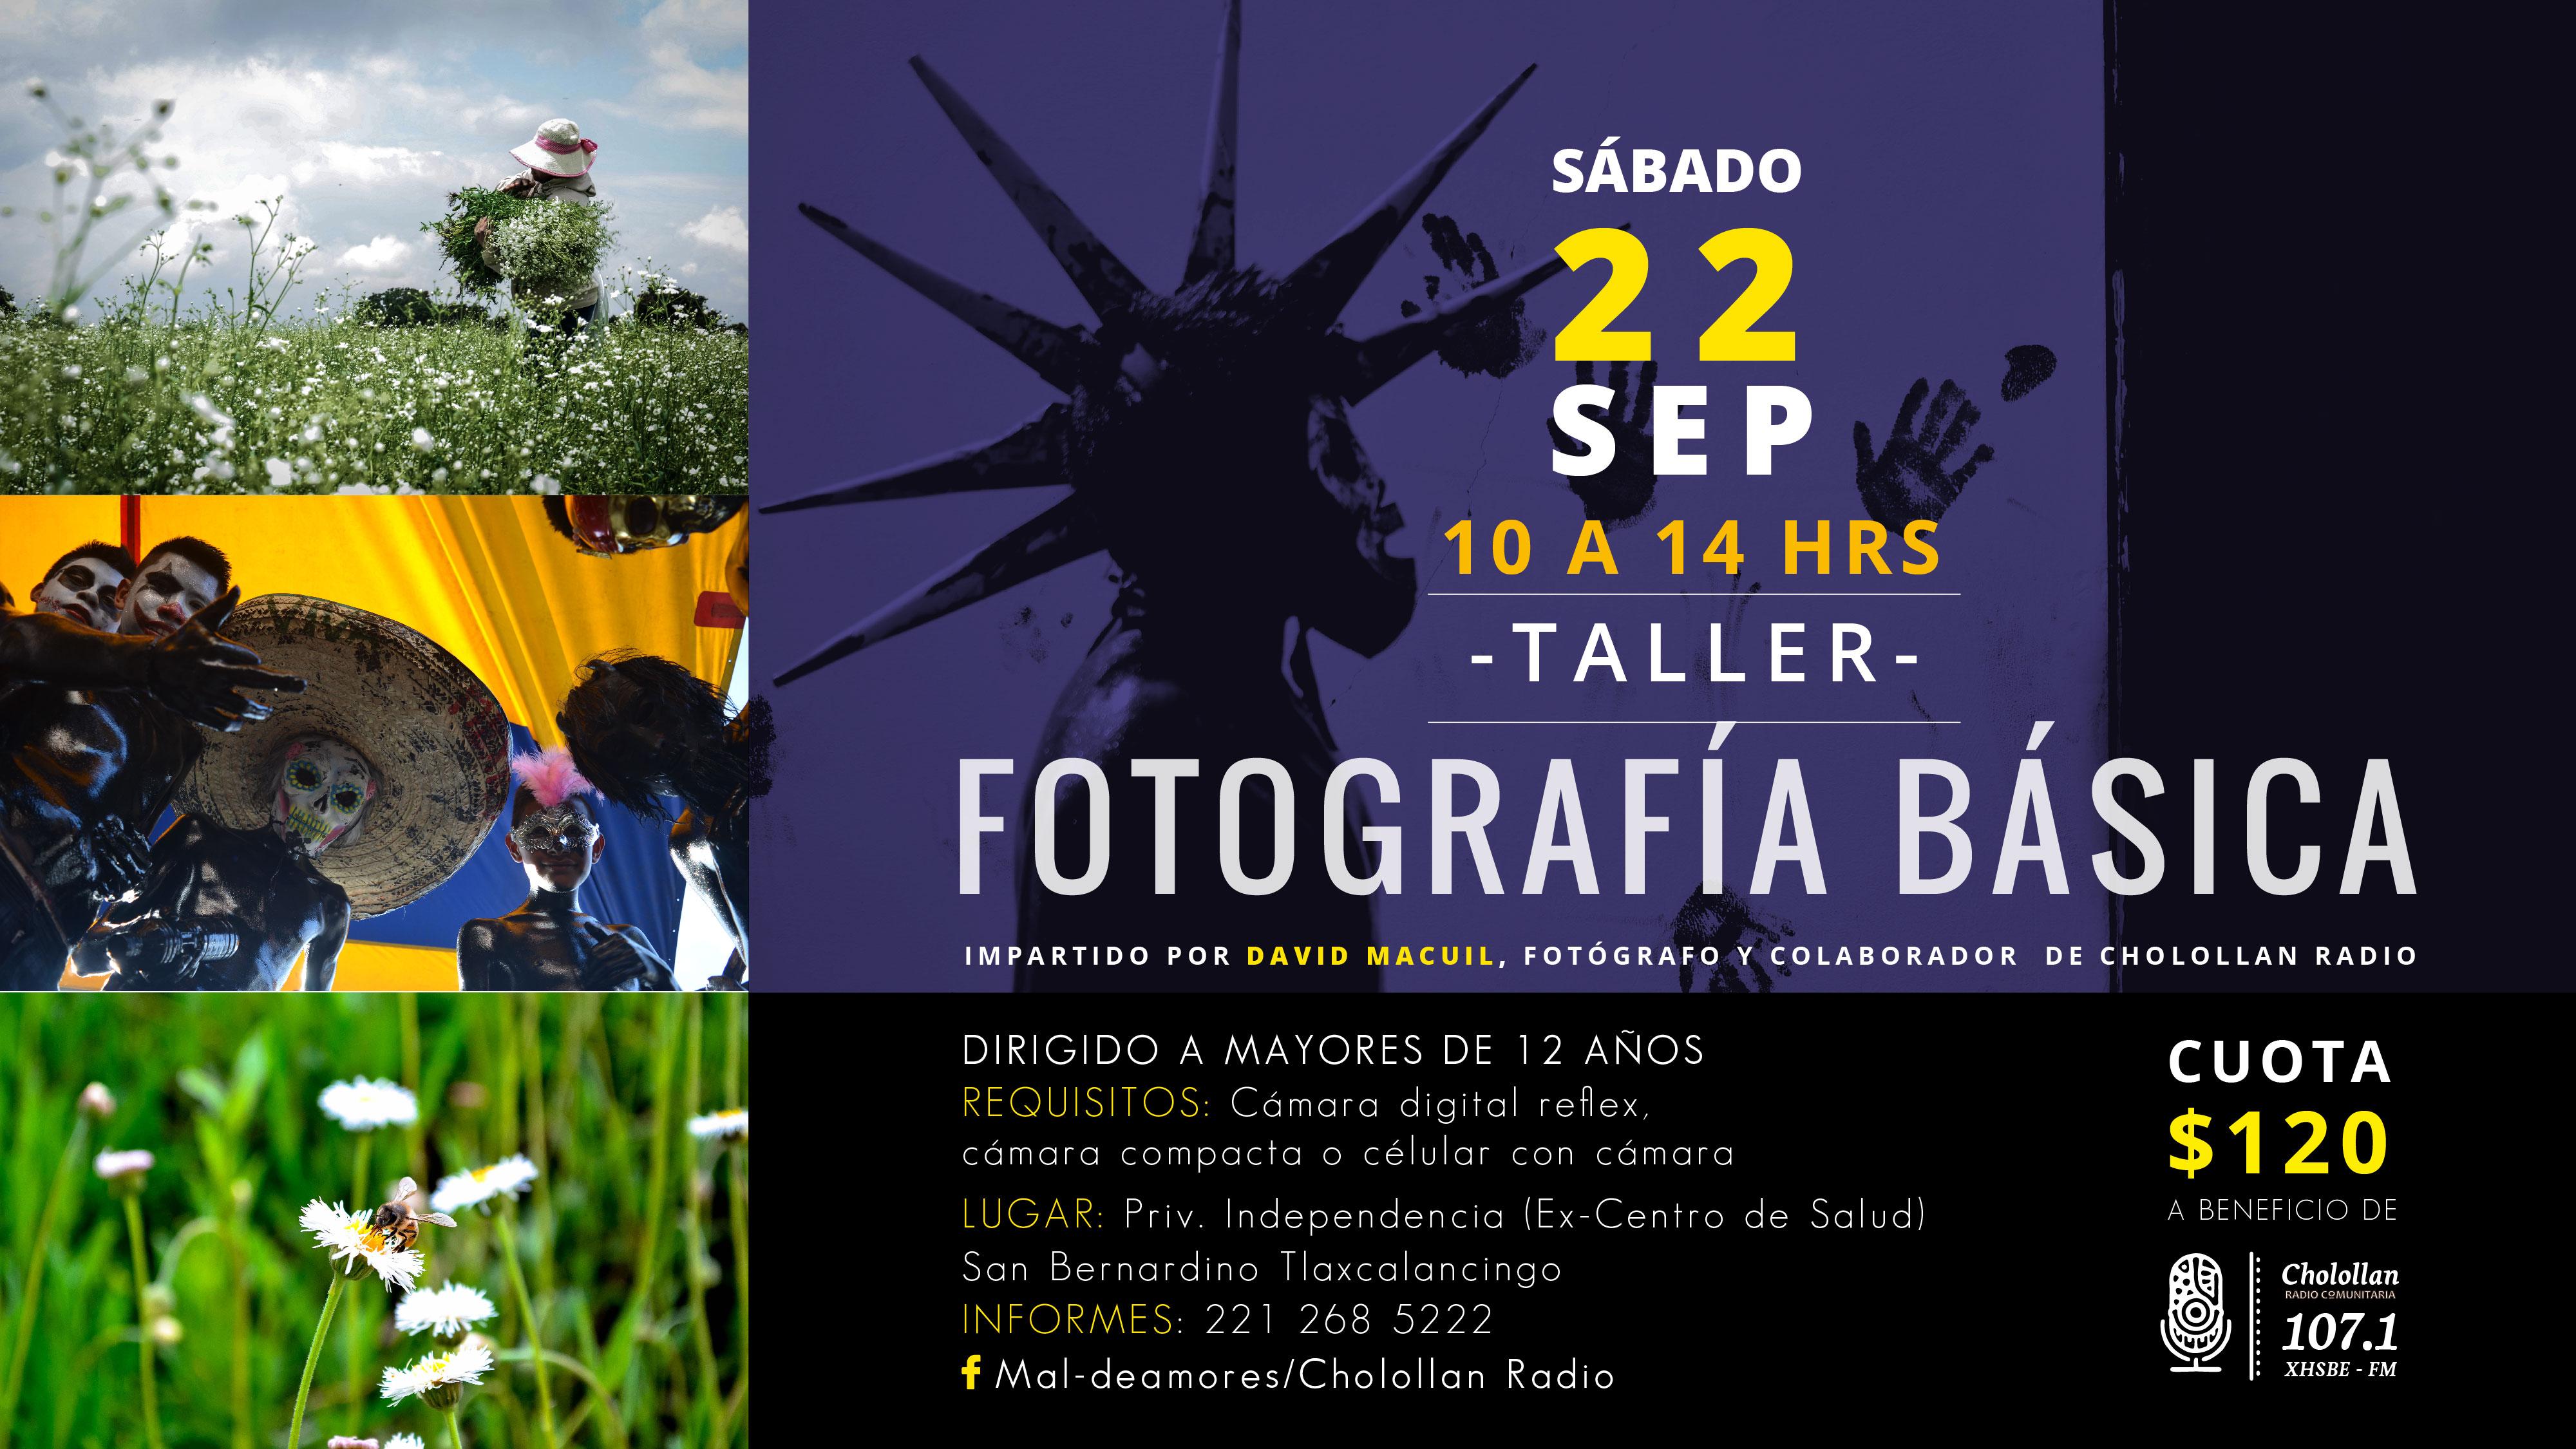 Taller de fotografía básica @ Cabina de Radio (Ex Centro de Salud).